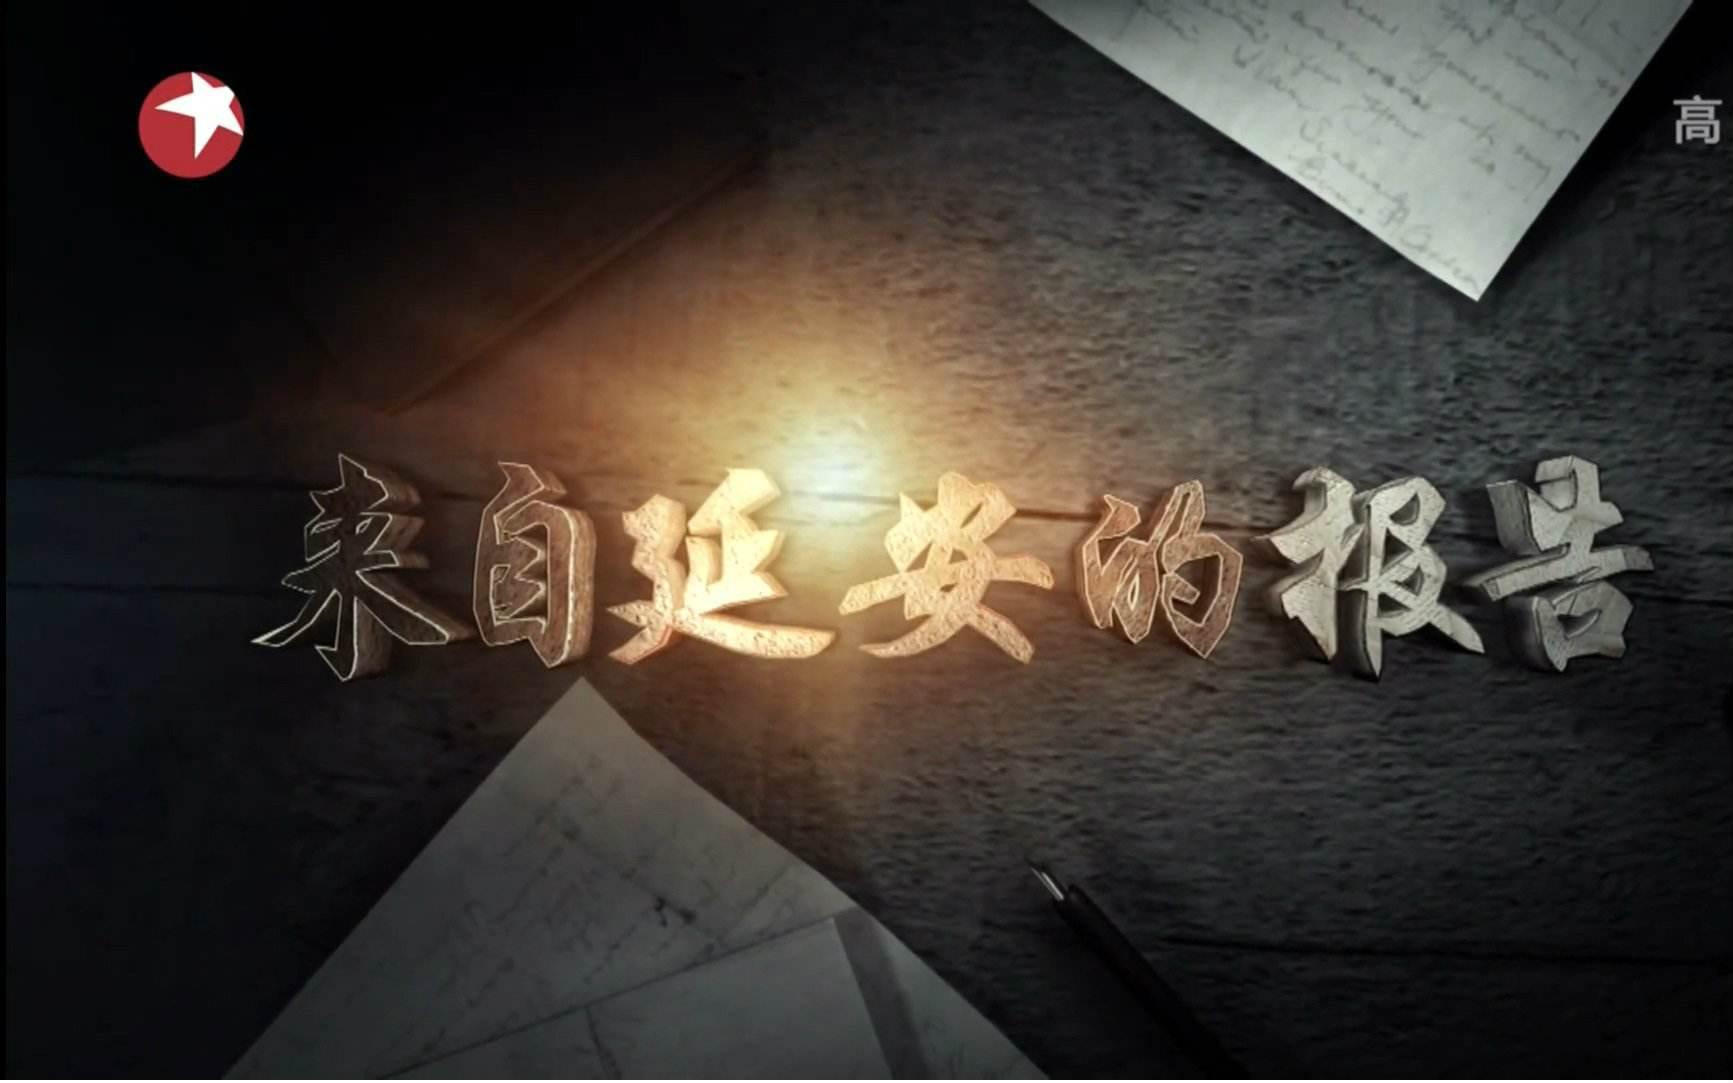 2017年11月18日电视台收视率排行榜:上海东方卫视收视率排名第一